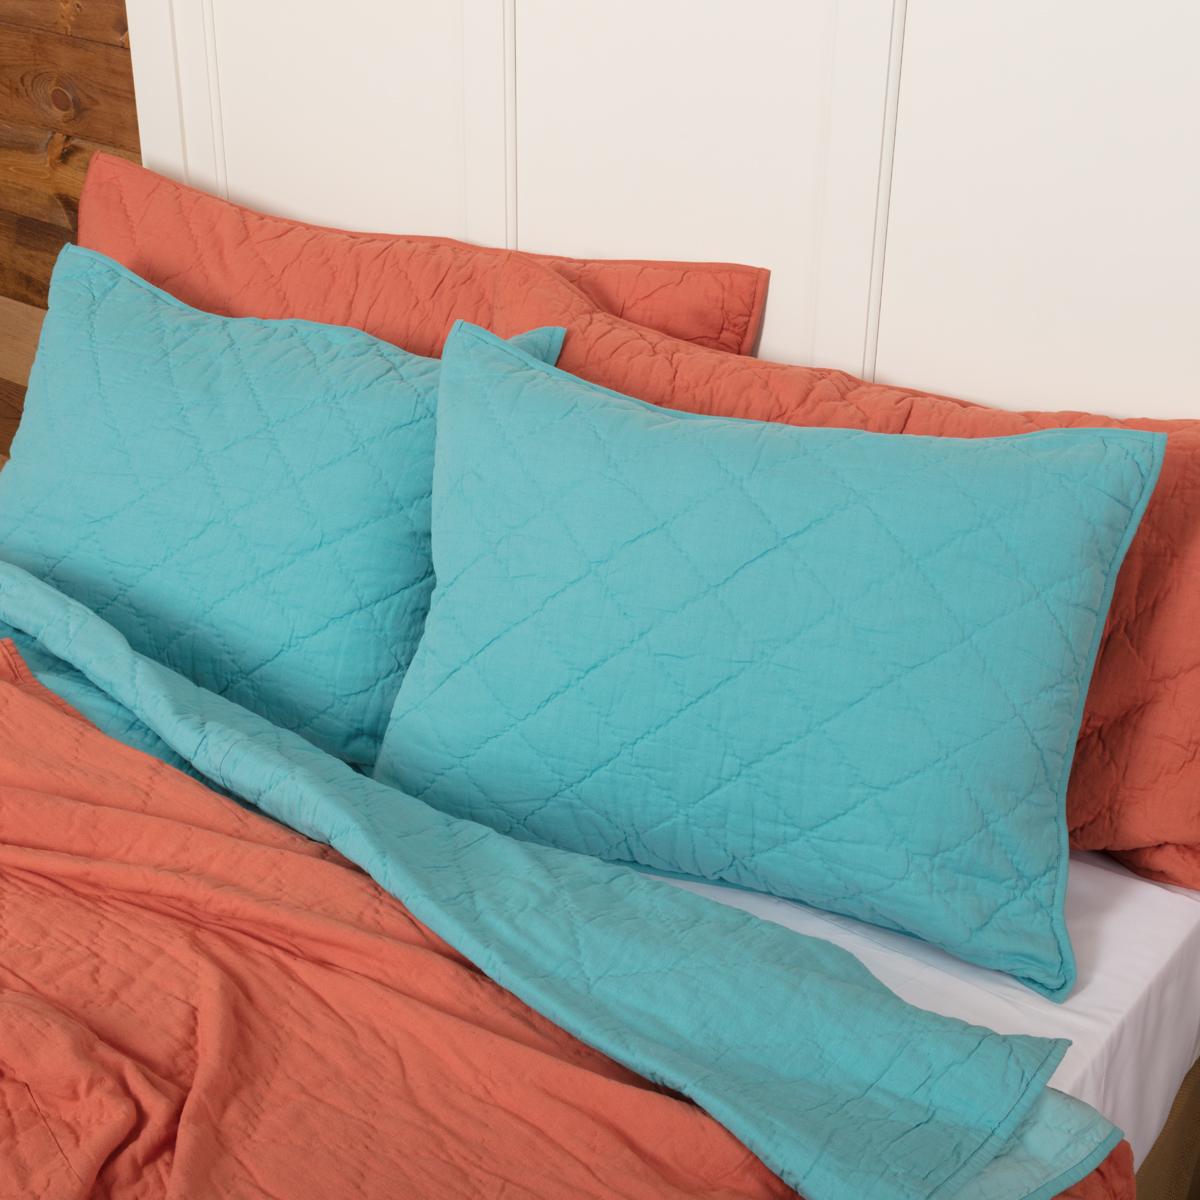 Pueblo Turquoise Standard Sham 21x27